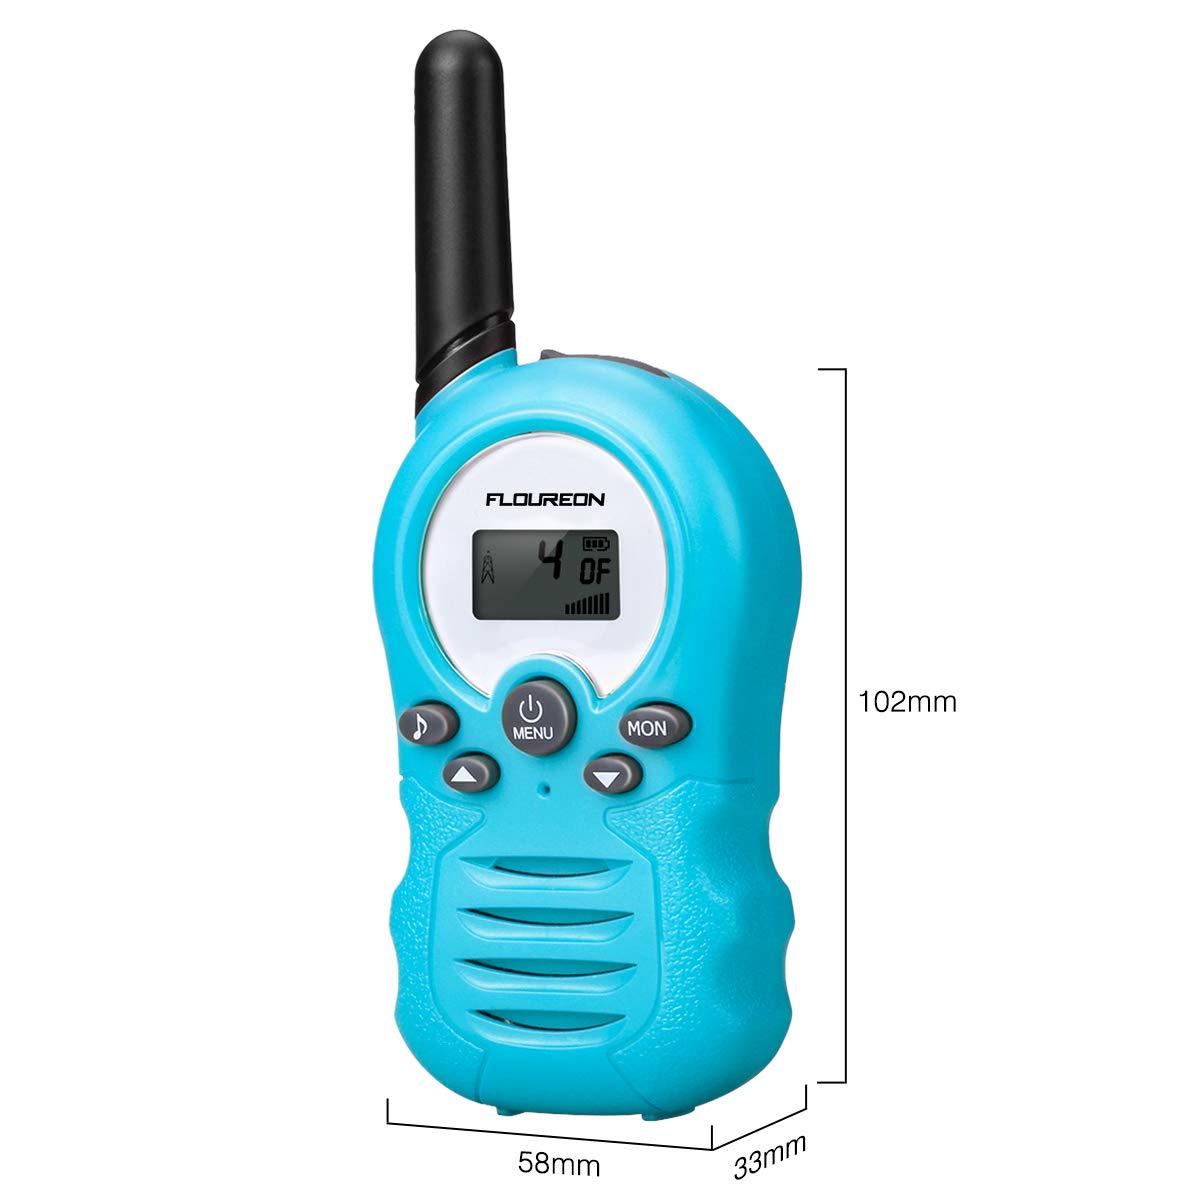 FLOUREON Toy Walkie Talkies 8 Channel Twins PMR446MHZ Two Way Radio Up to 3300Meters/3Miles Range Handheld Interphone Blue